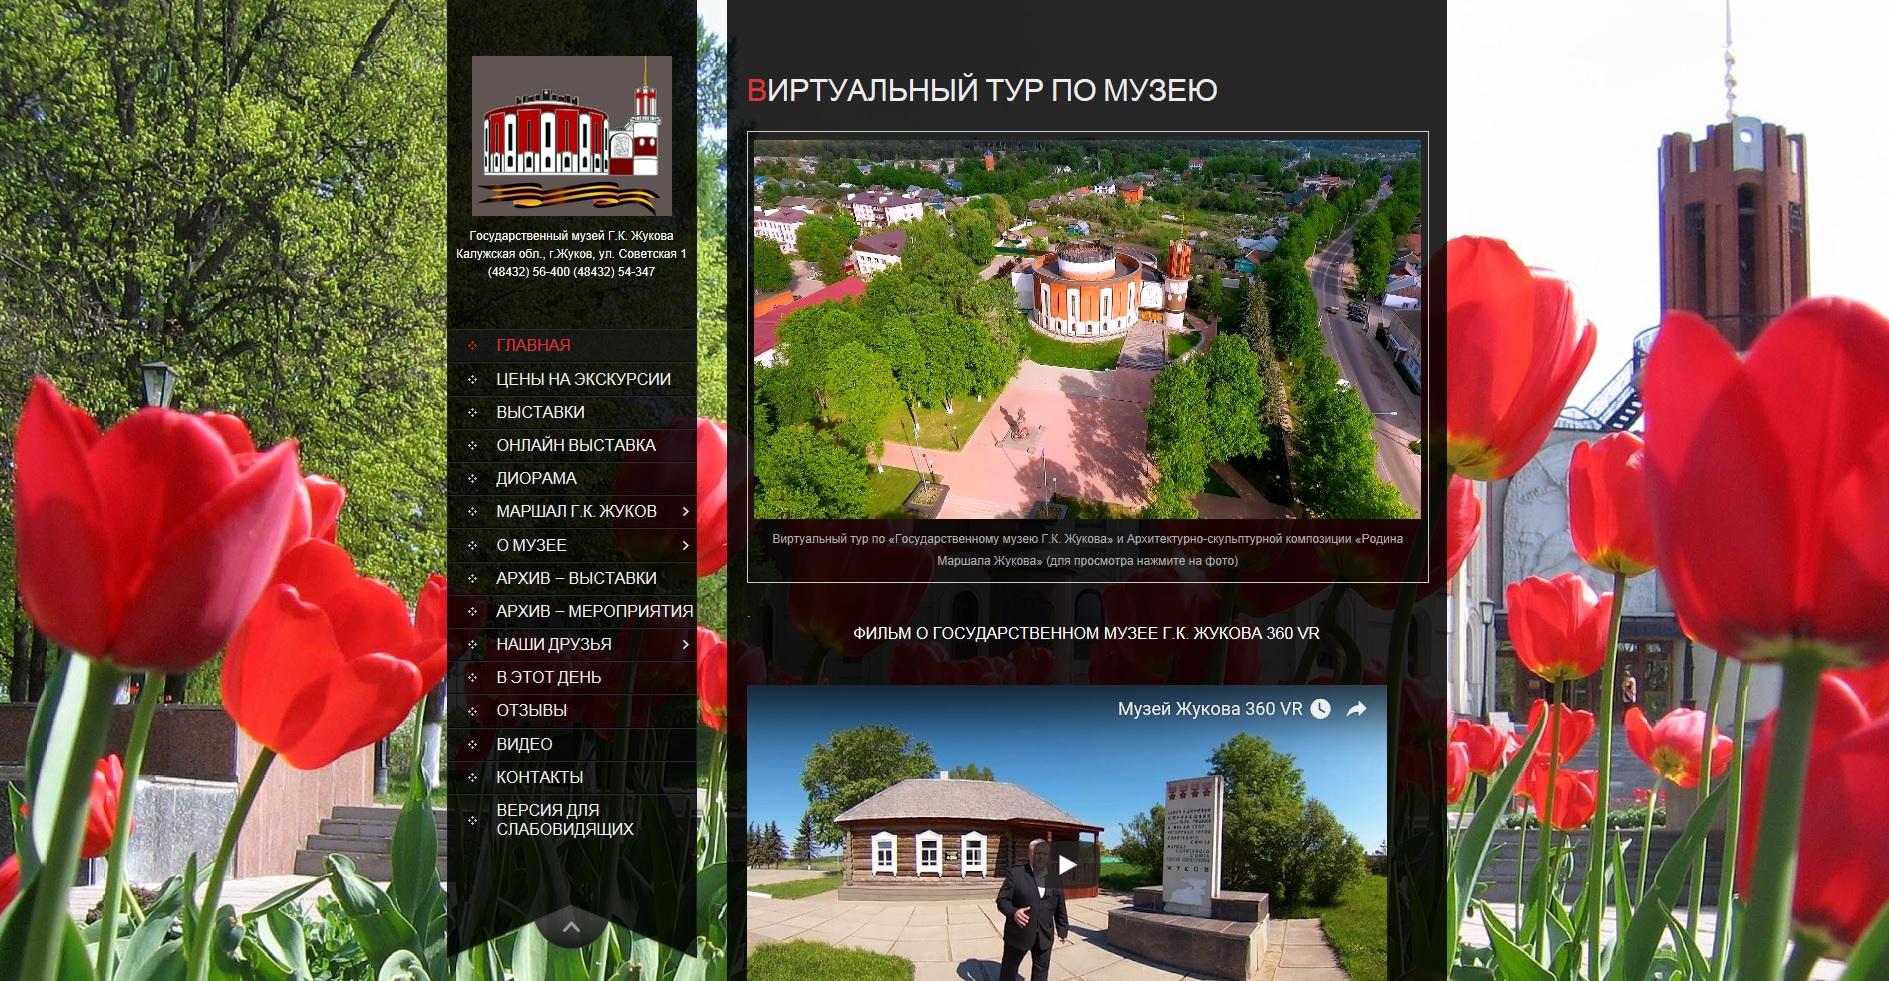 По музею Маршала Победы теперь можно совершить виртуальный тур